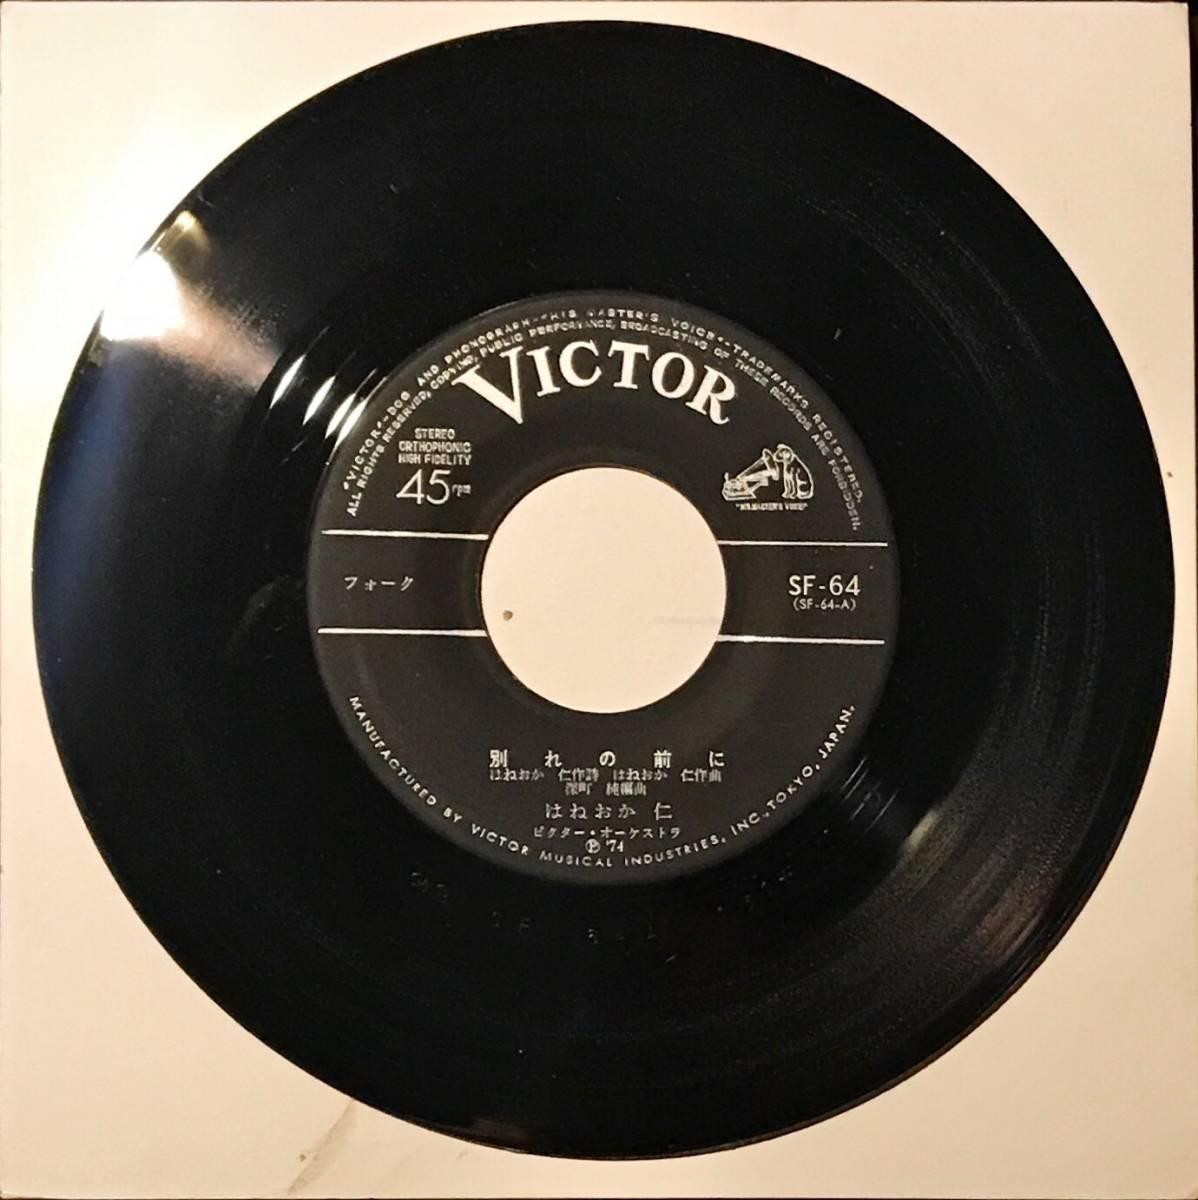 [試聴]和モノ メロウFOLK はねおか仁 // 別れの前に / 詩・歌・唄 ディープ歌謡 [EP]深町純フォークB級マイナー盤レコードmellow 7inch_画像4